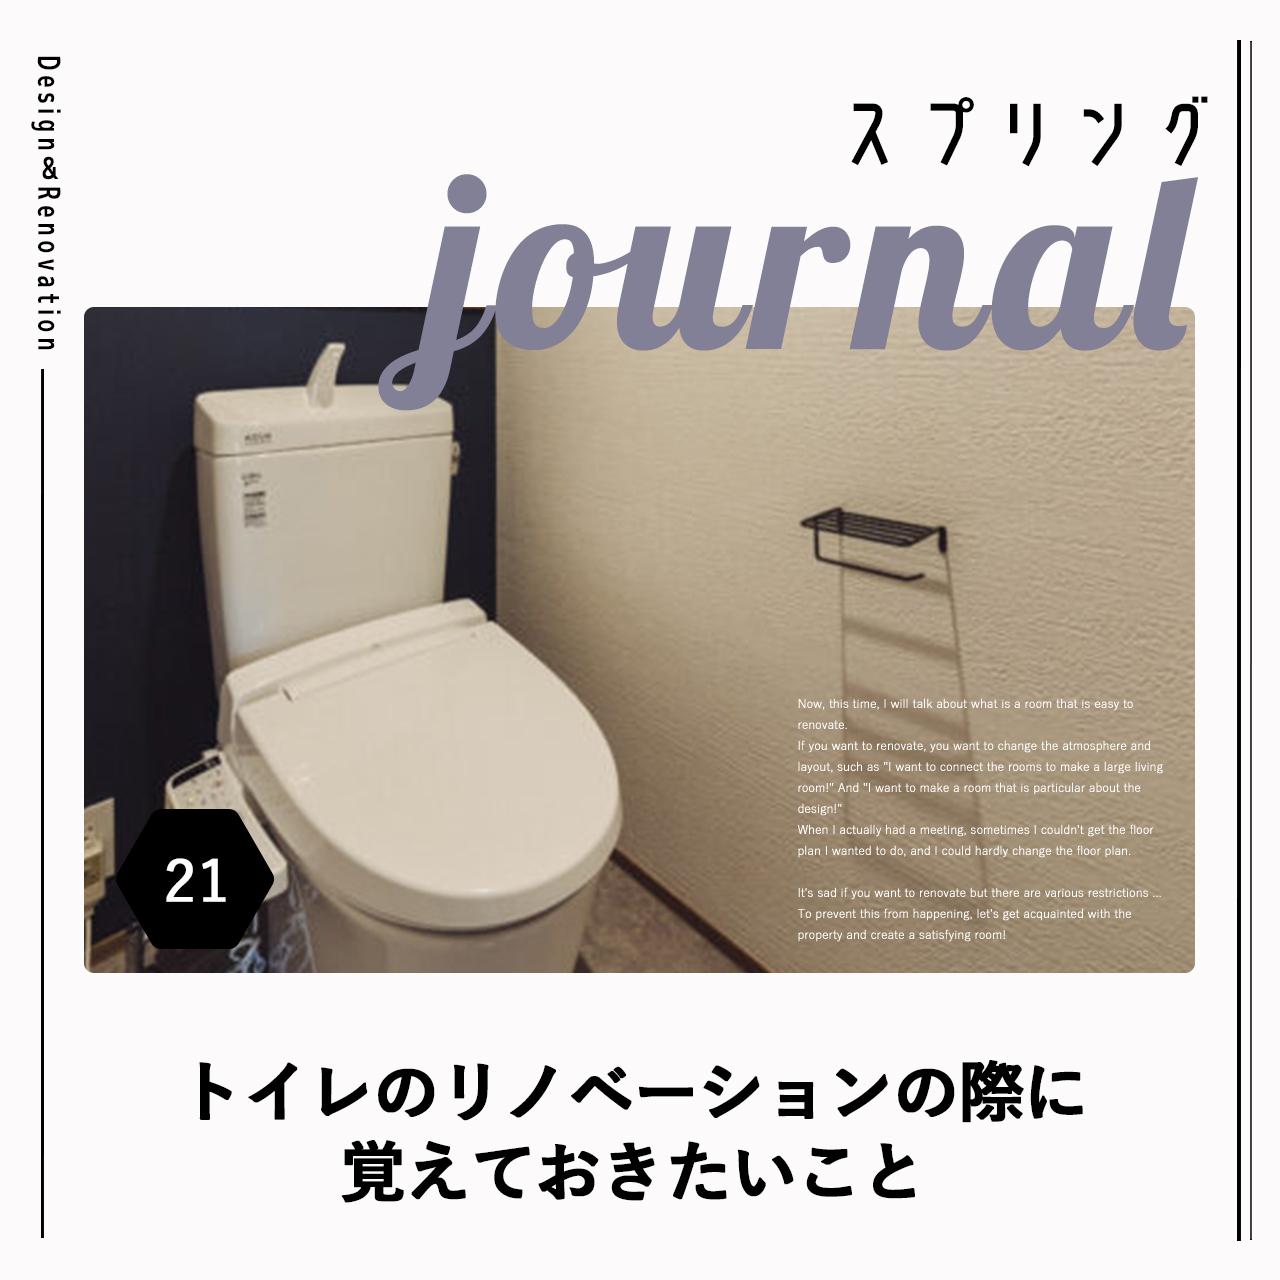 トイレのリノベーションの際に覚えておきたいこと